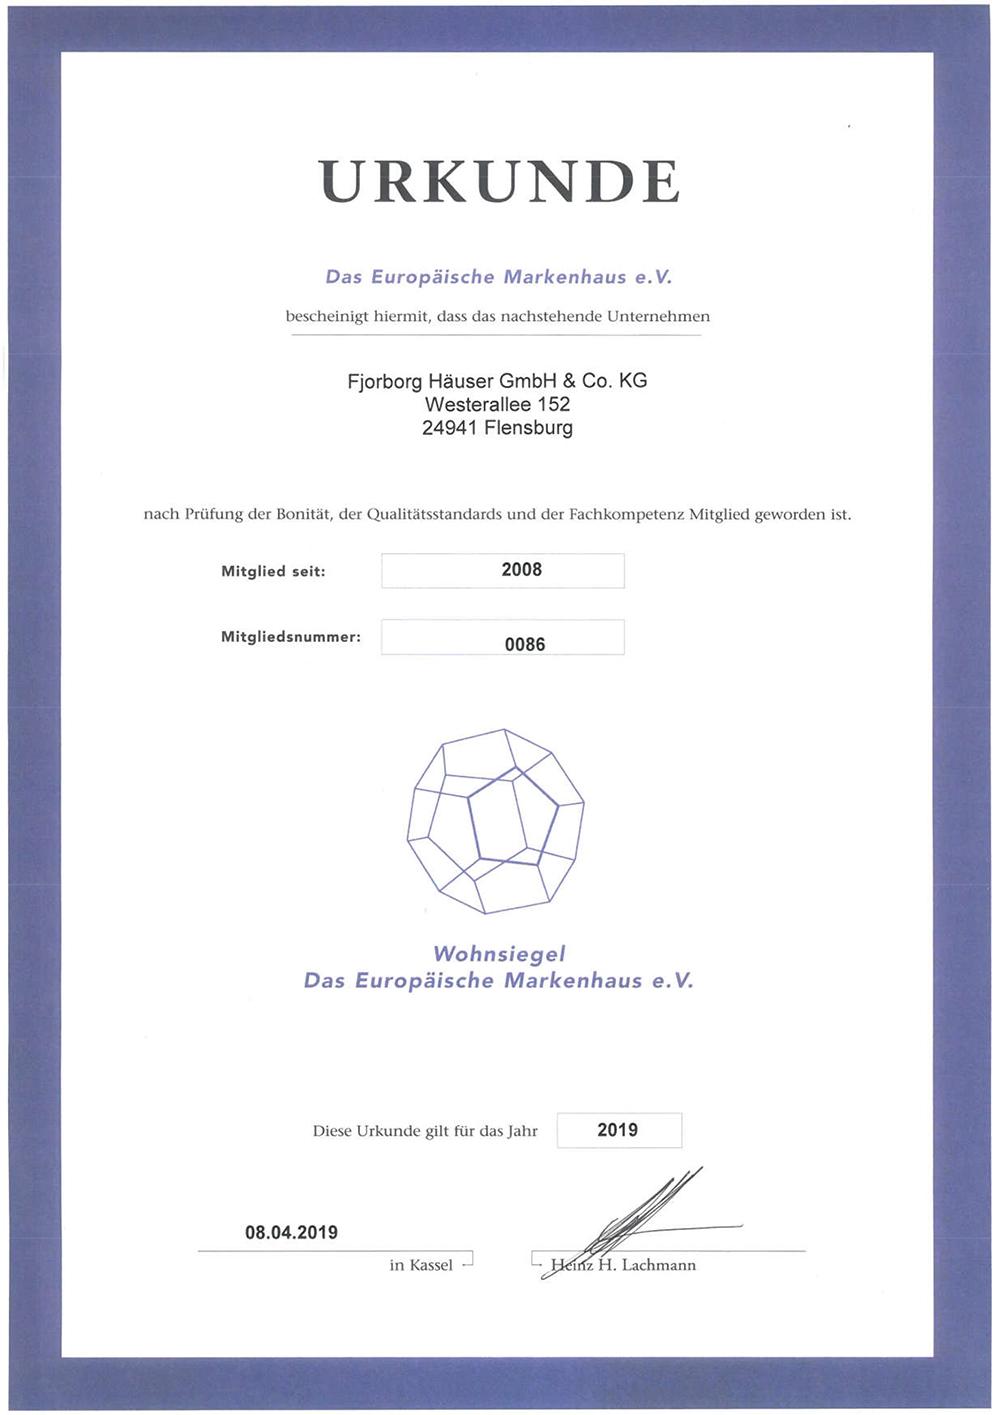 Fjorborg Haeuser - Qualitaet und Zertifikate - Wohnsiegel Urkunde 2019